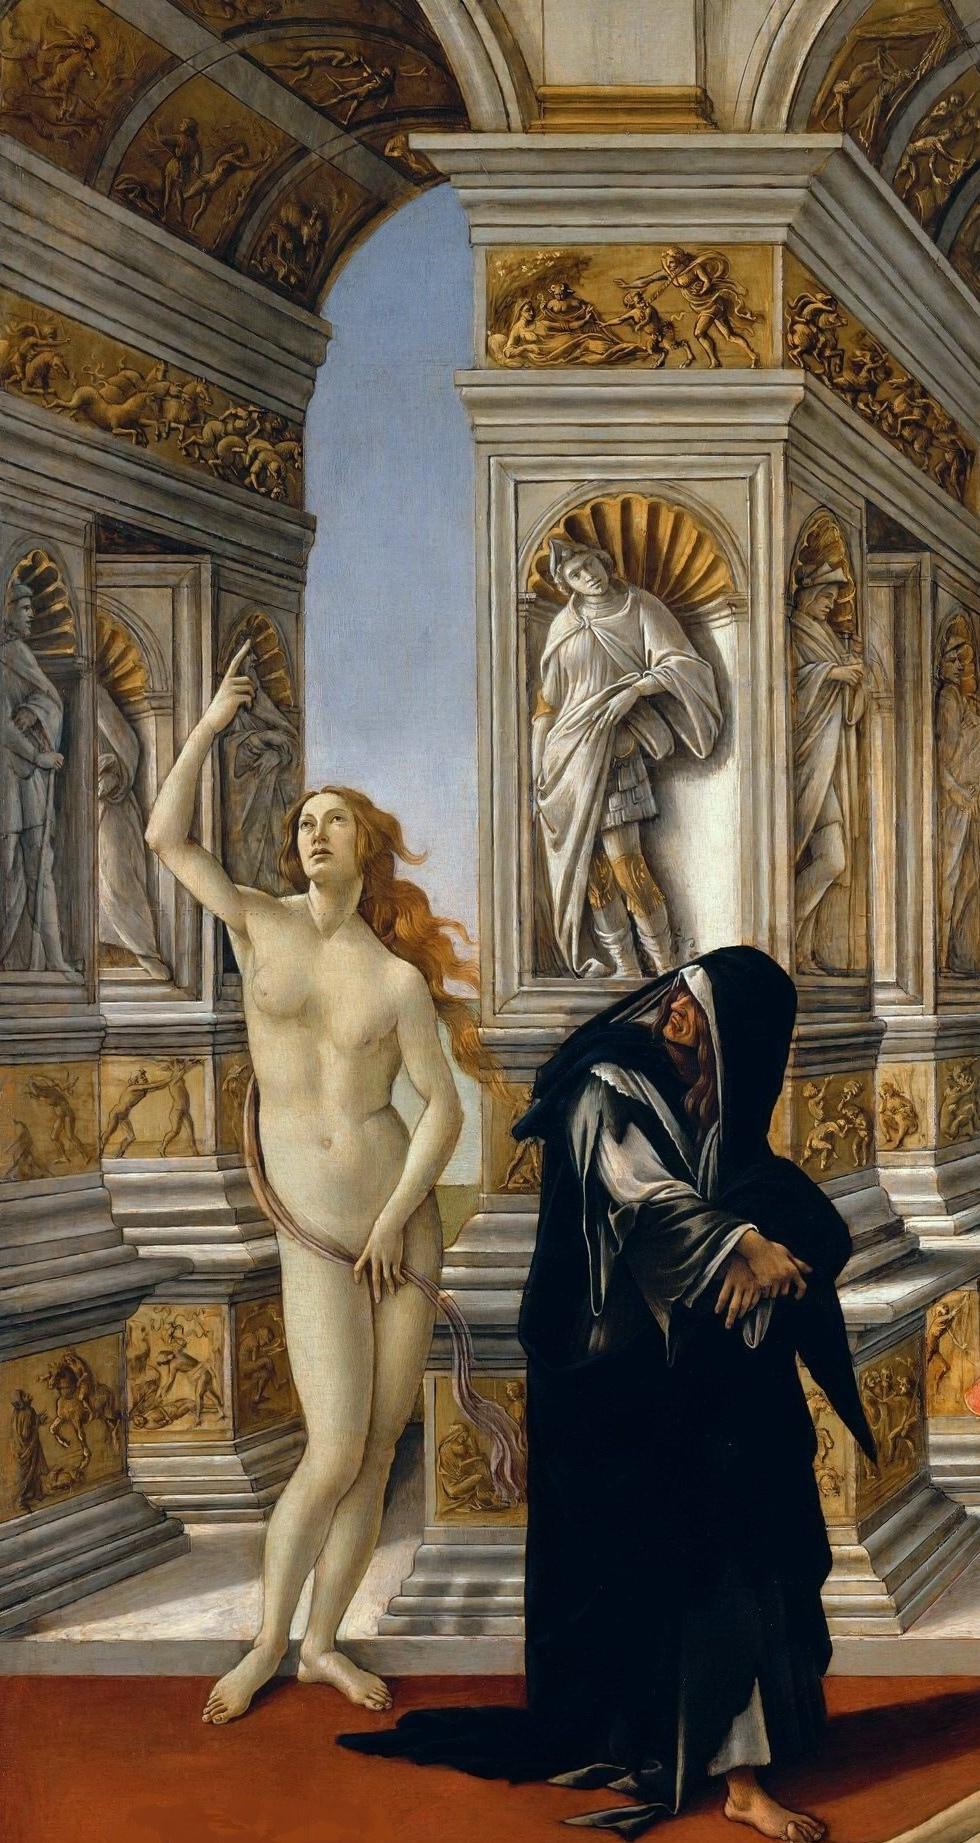 Sandro Botticelli. Slander (fragment)